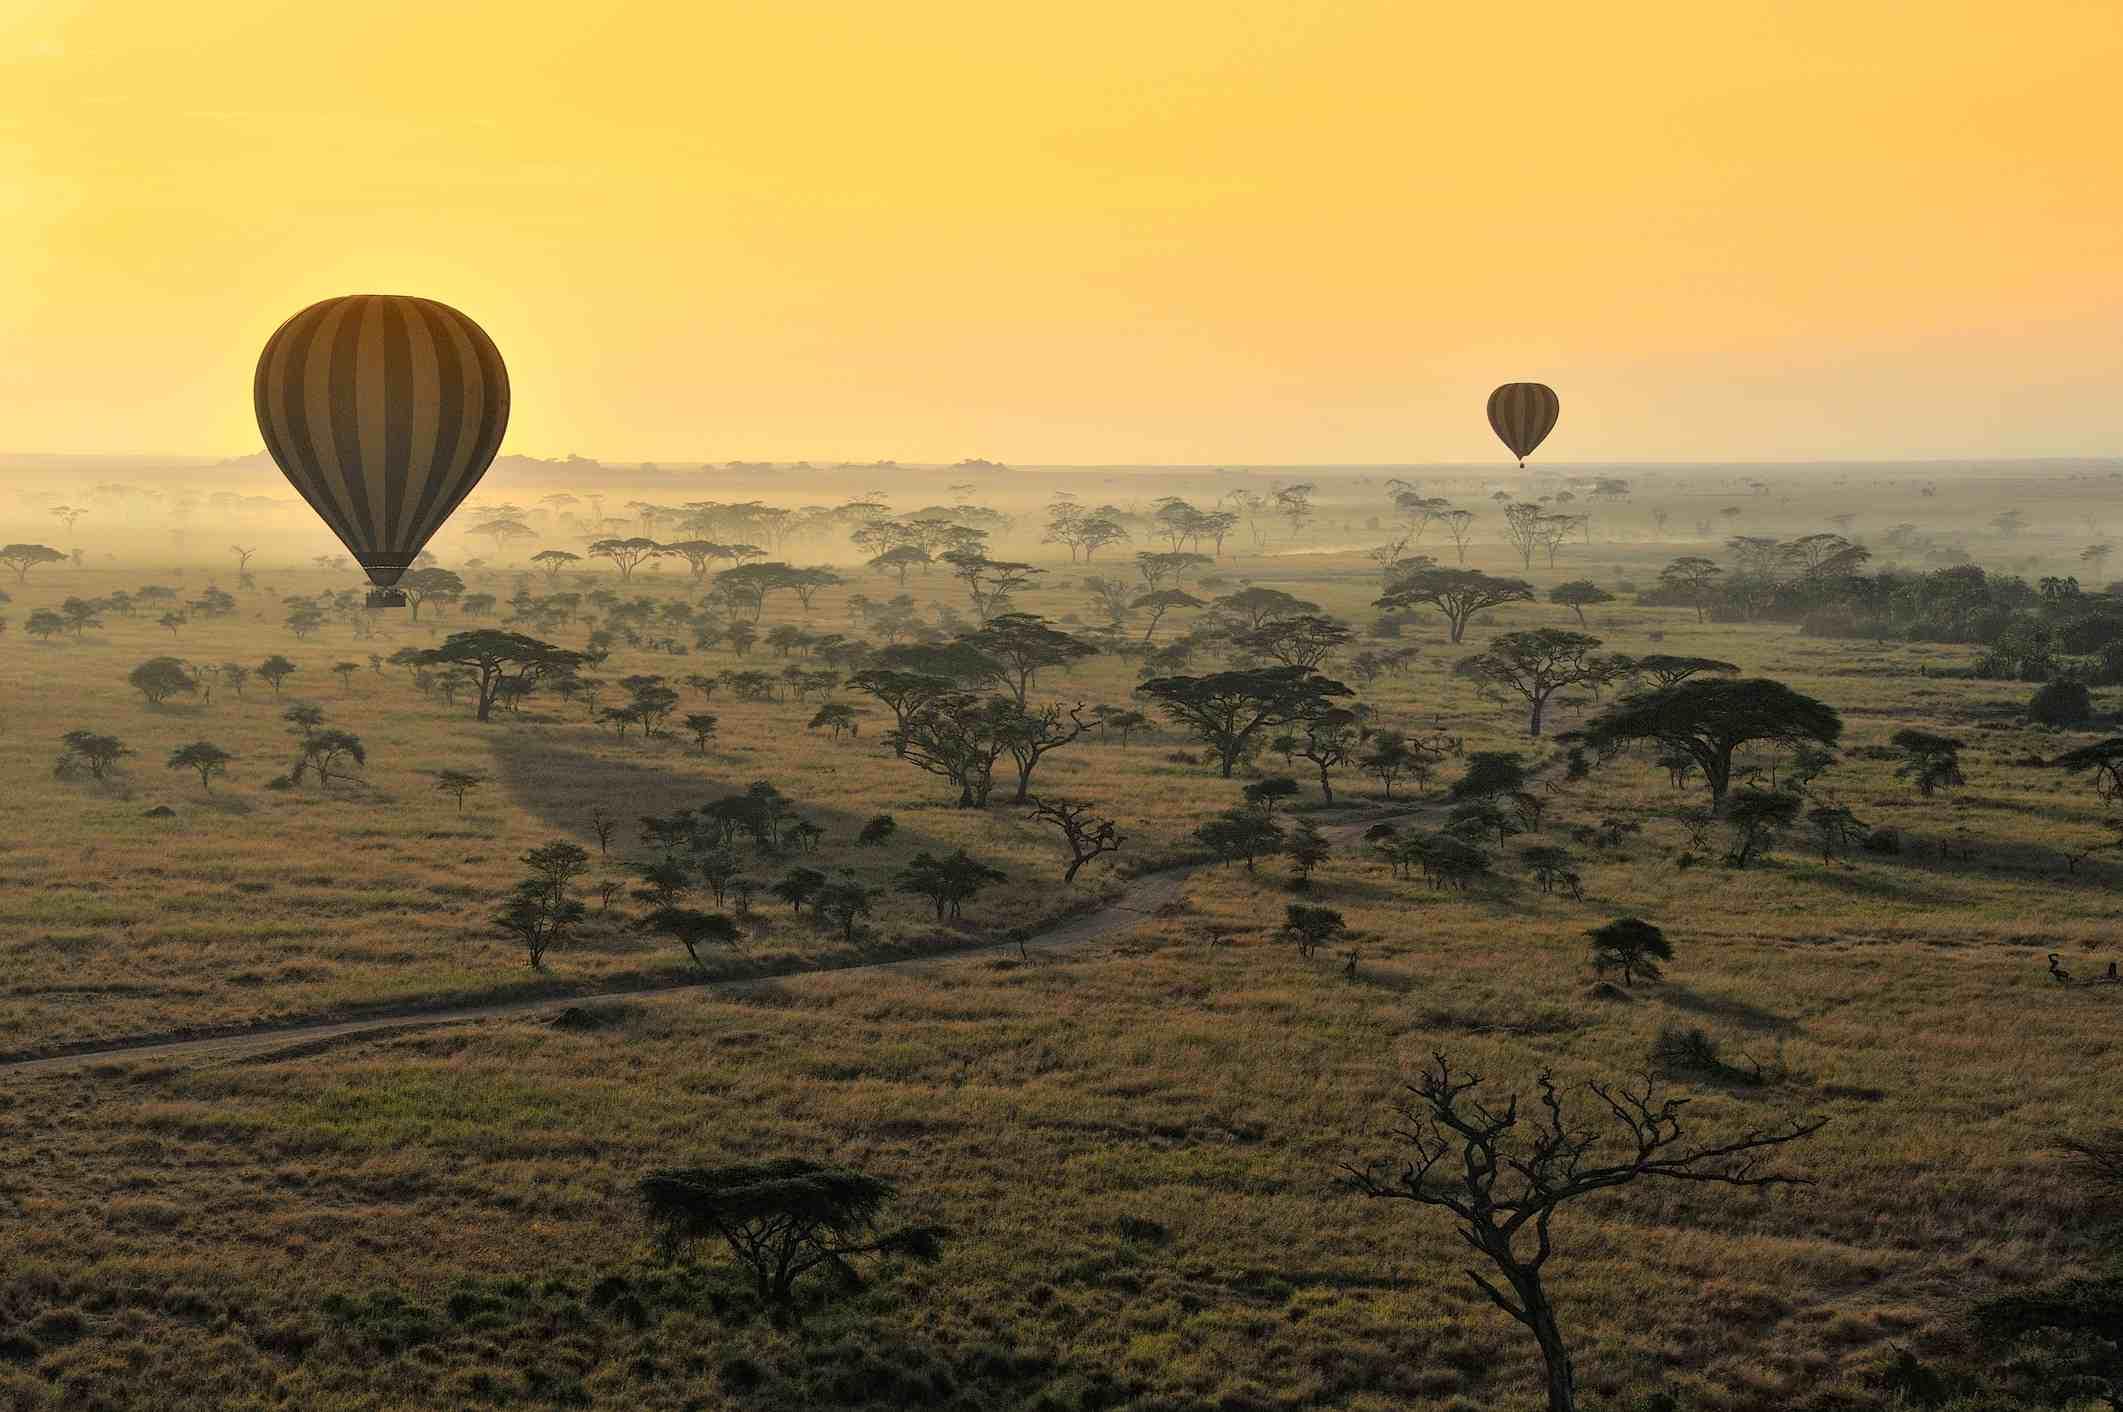 Hot air balloons over Serengeti National Park, Tanzania